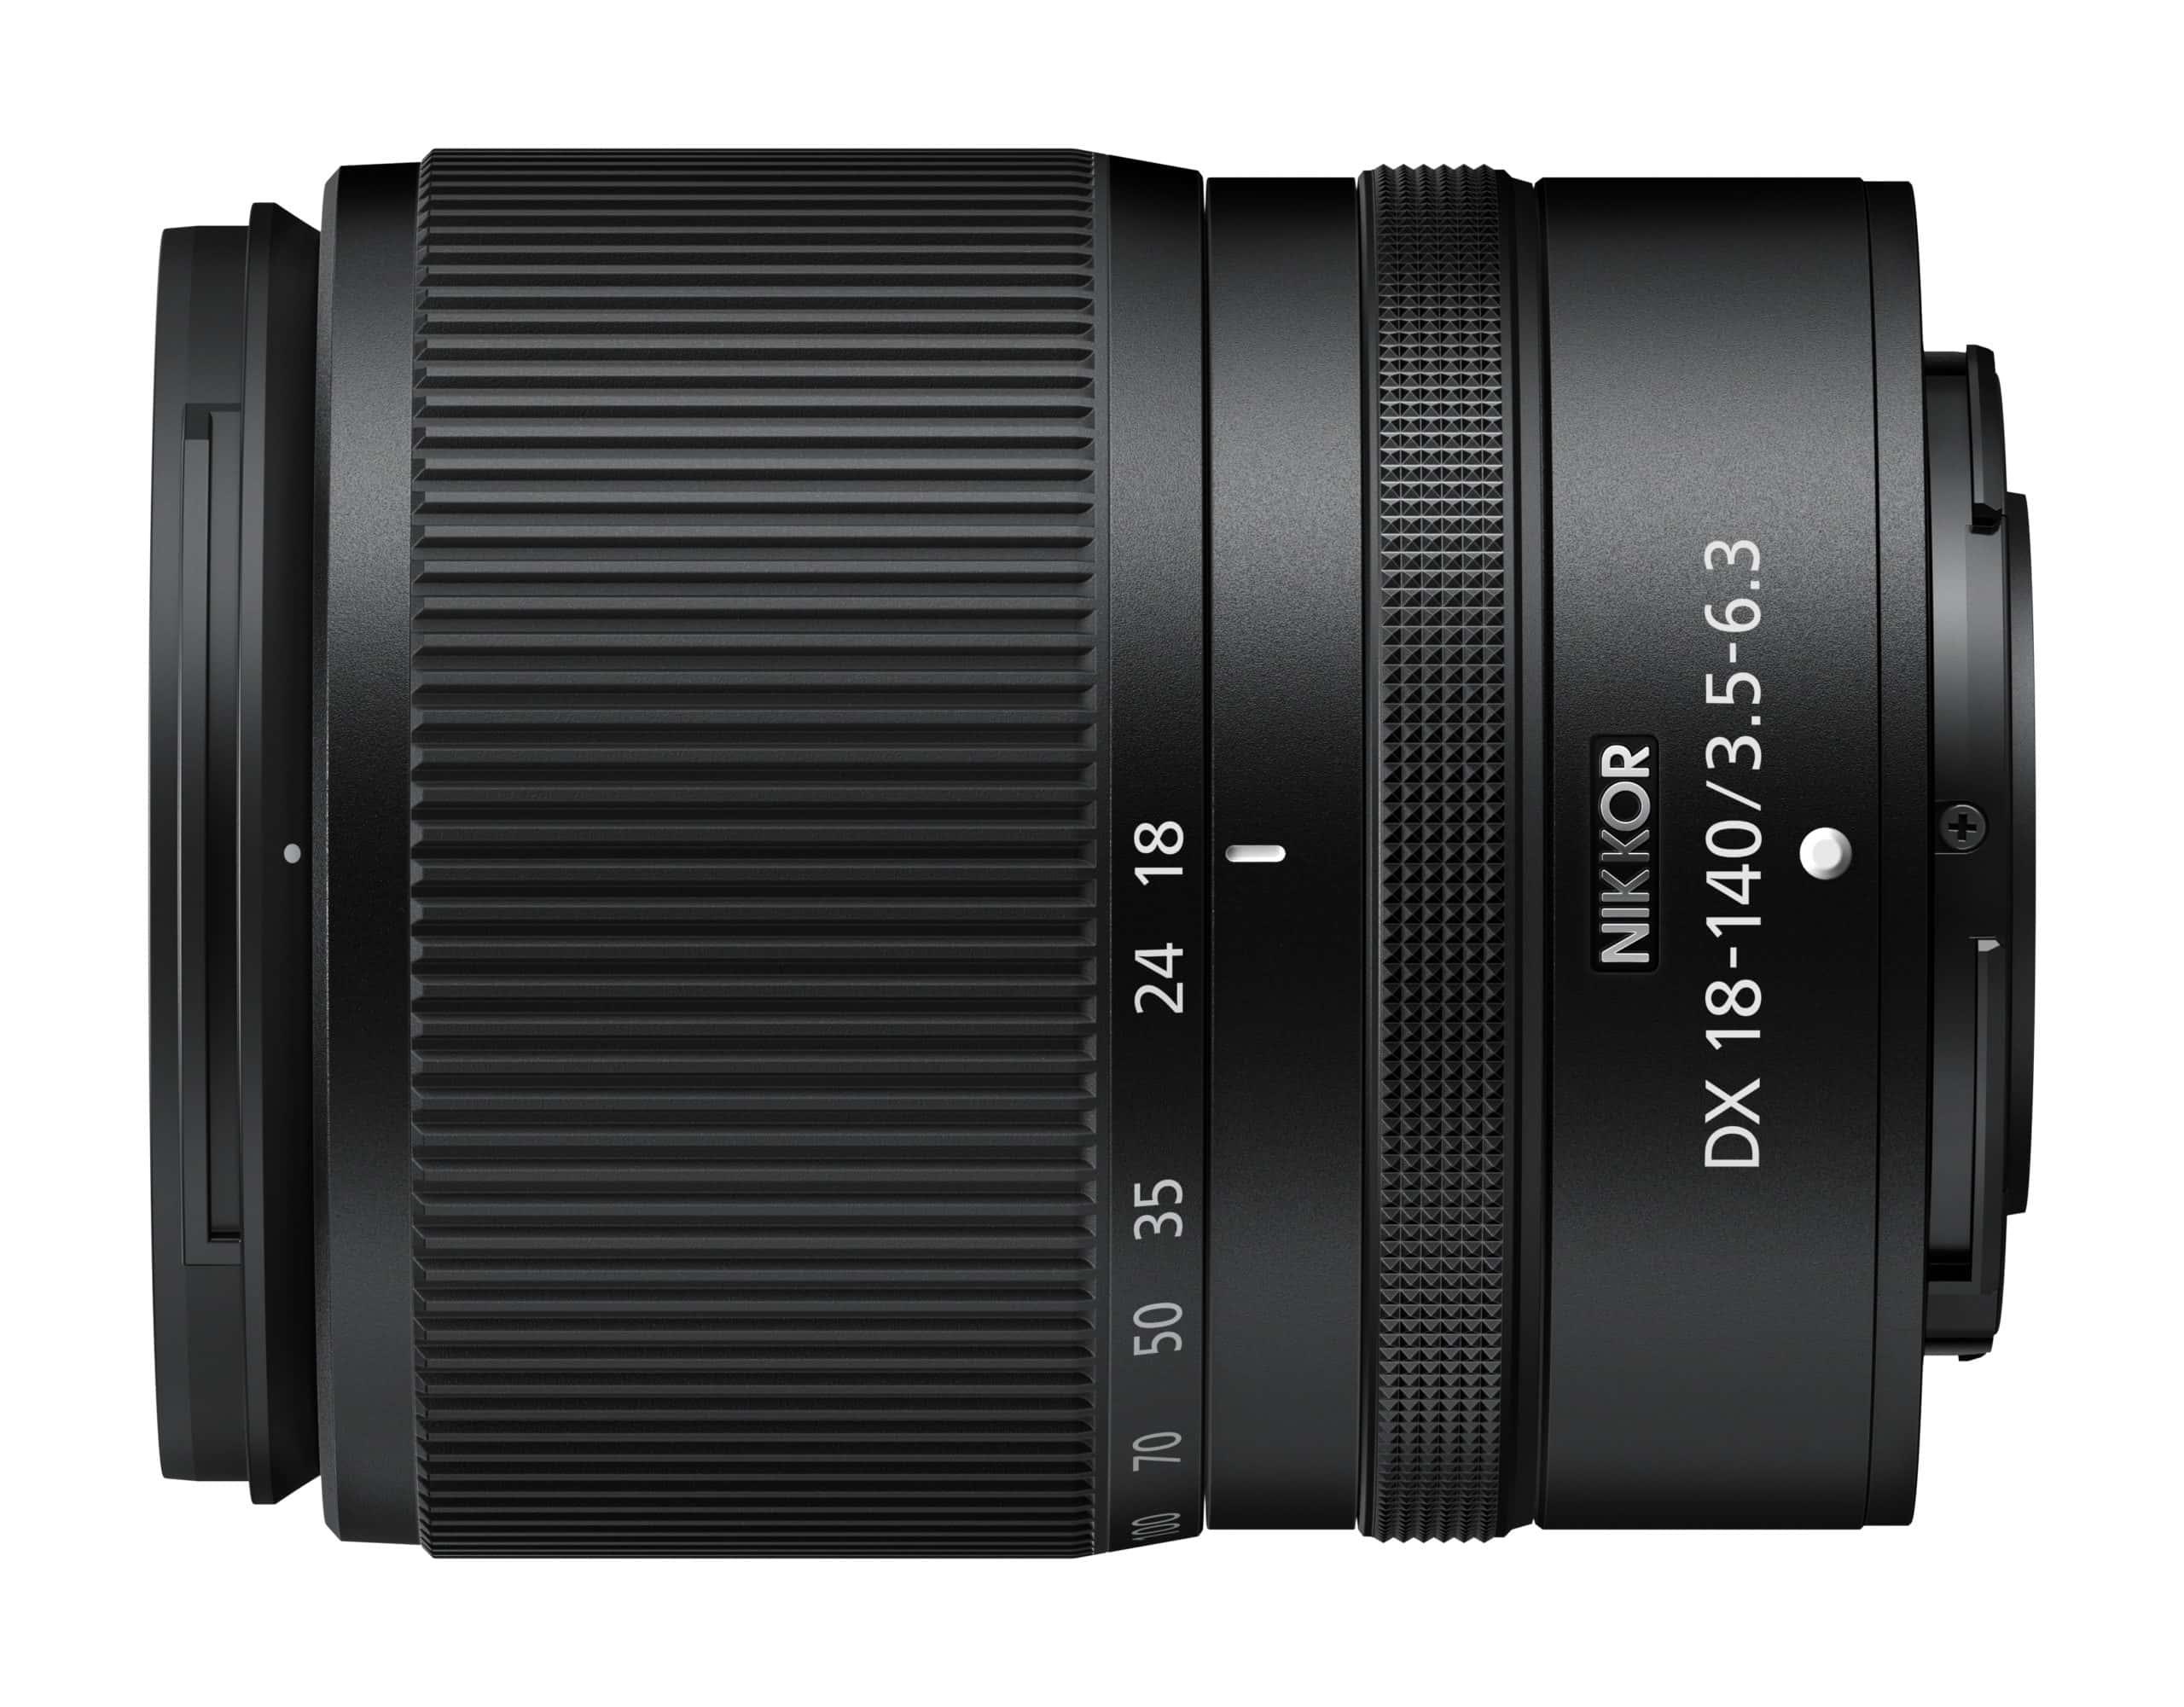 Nikon   Z DX 18-140 - 3.5-6.3